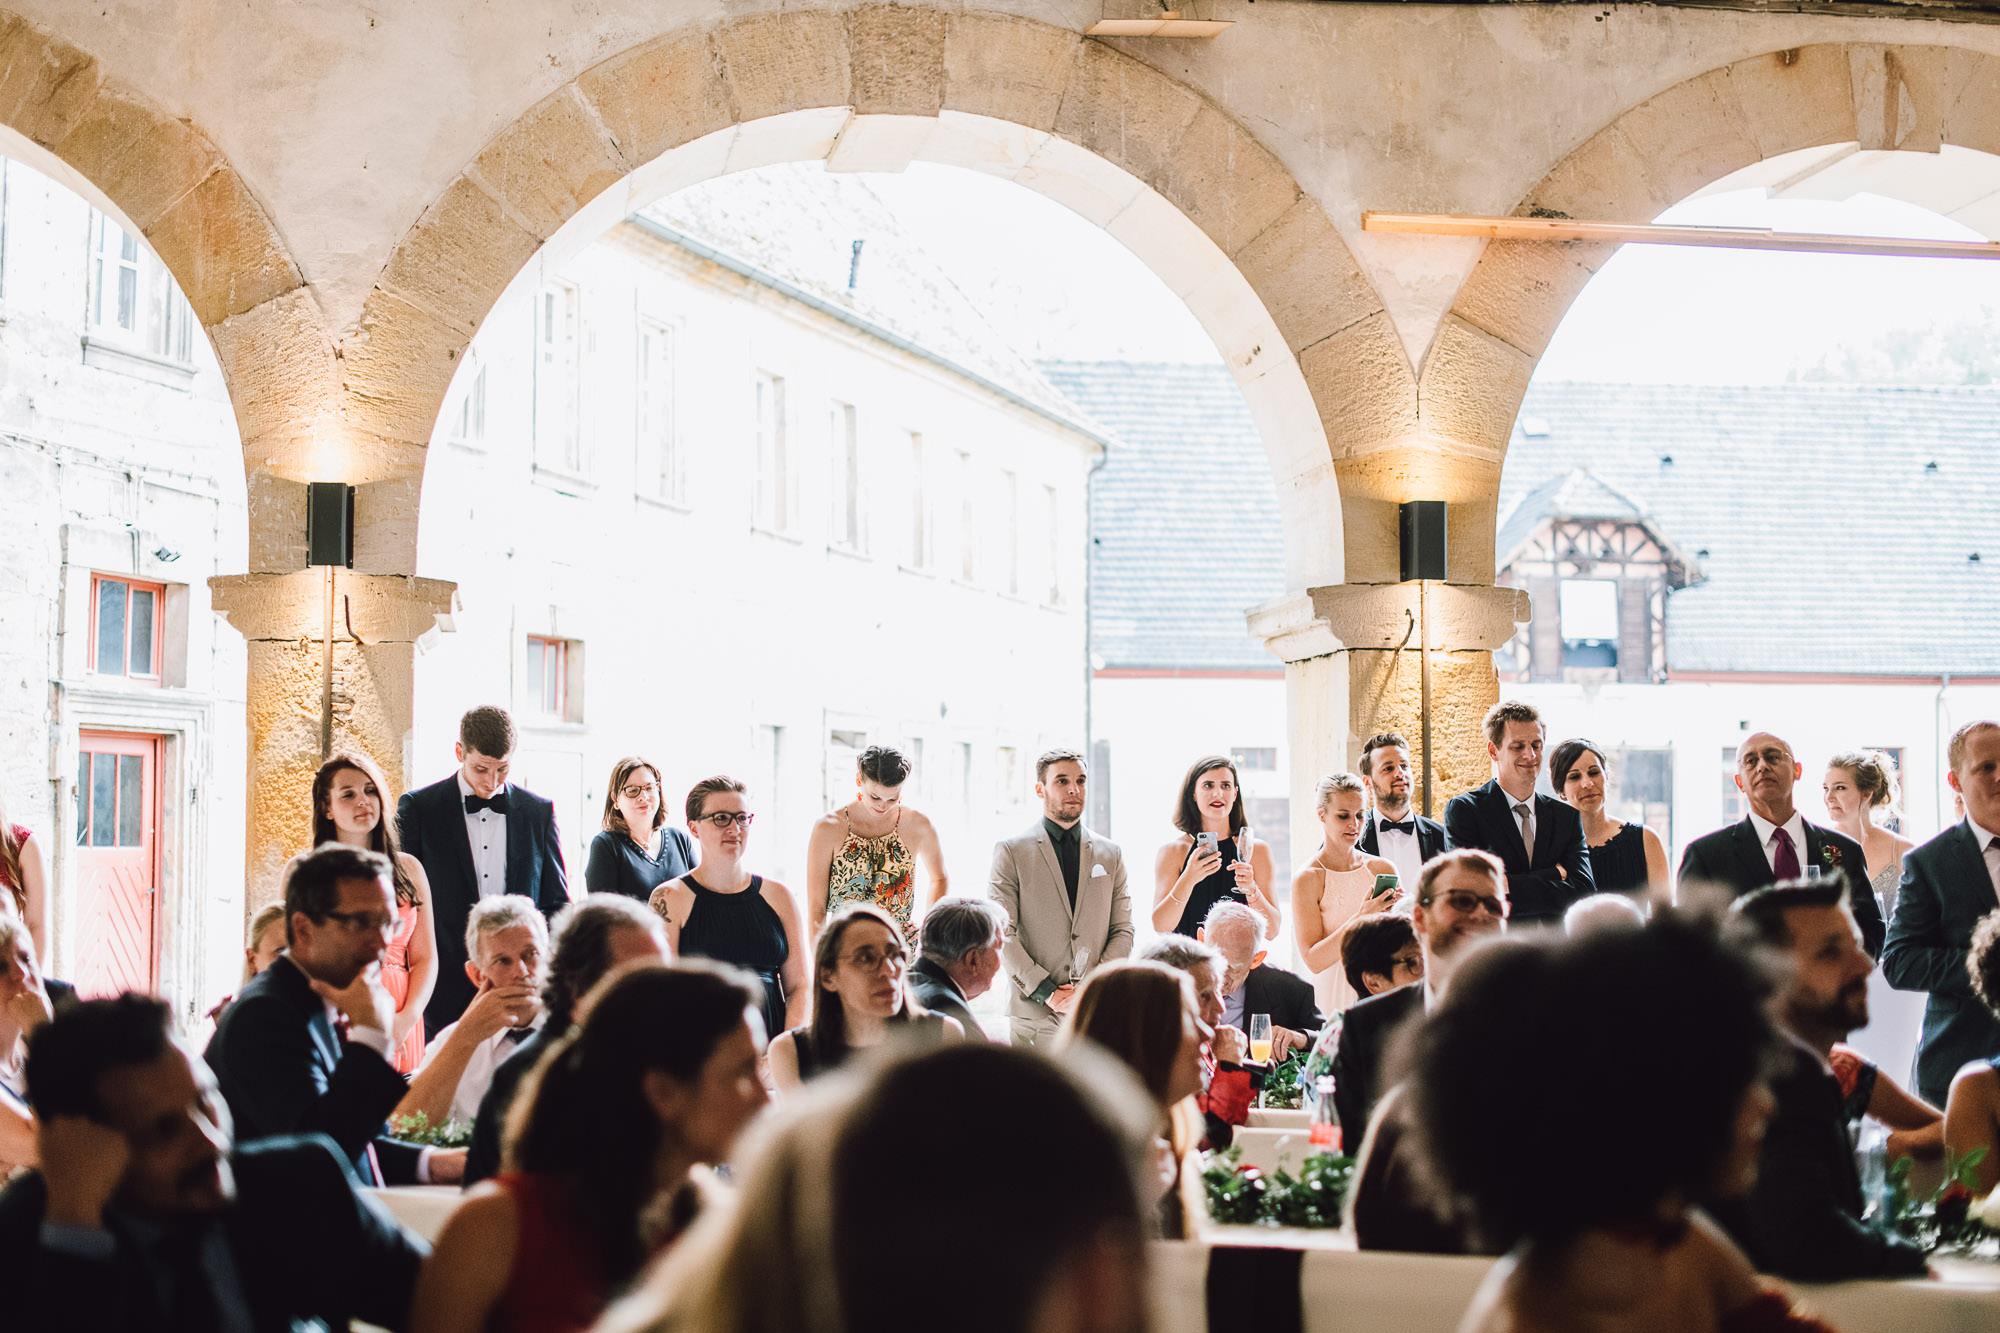 rustic-elegant-wedding-schloss-hochzeit-eyrichshof-franken-bamberg-084